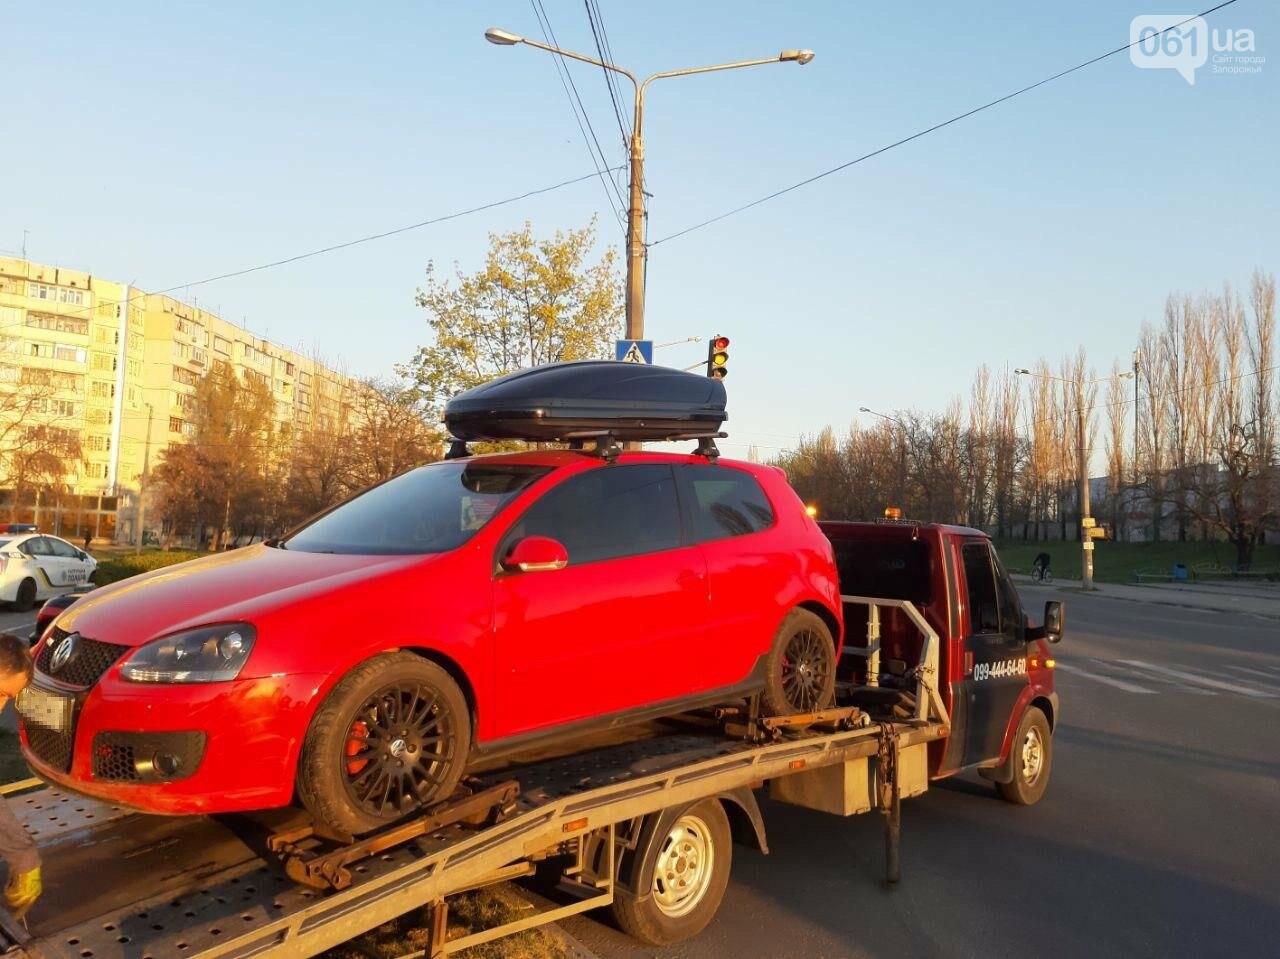 В Запорожье пьяный водитель Volkswagen Golf сбил мотоциклиста, пытался сбежать, но вылетел с дороги, фото-3